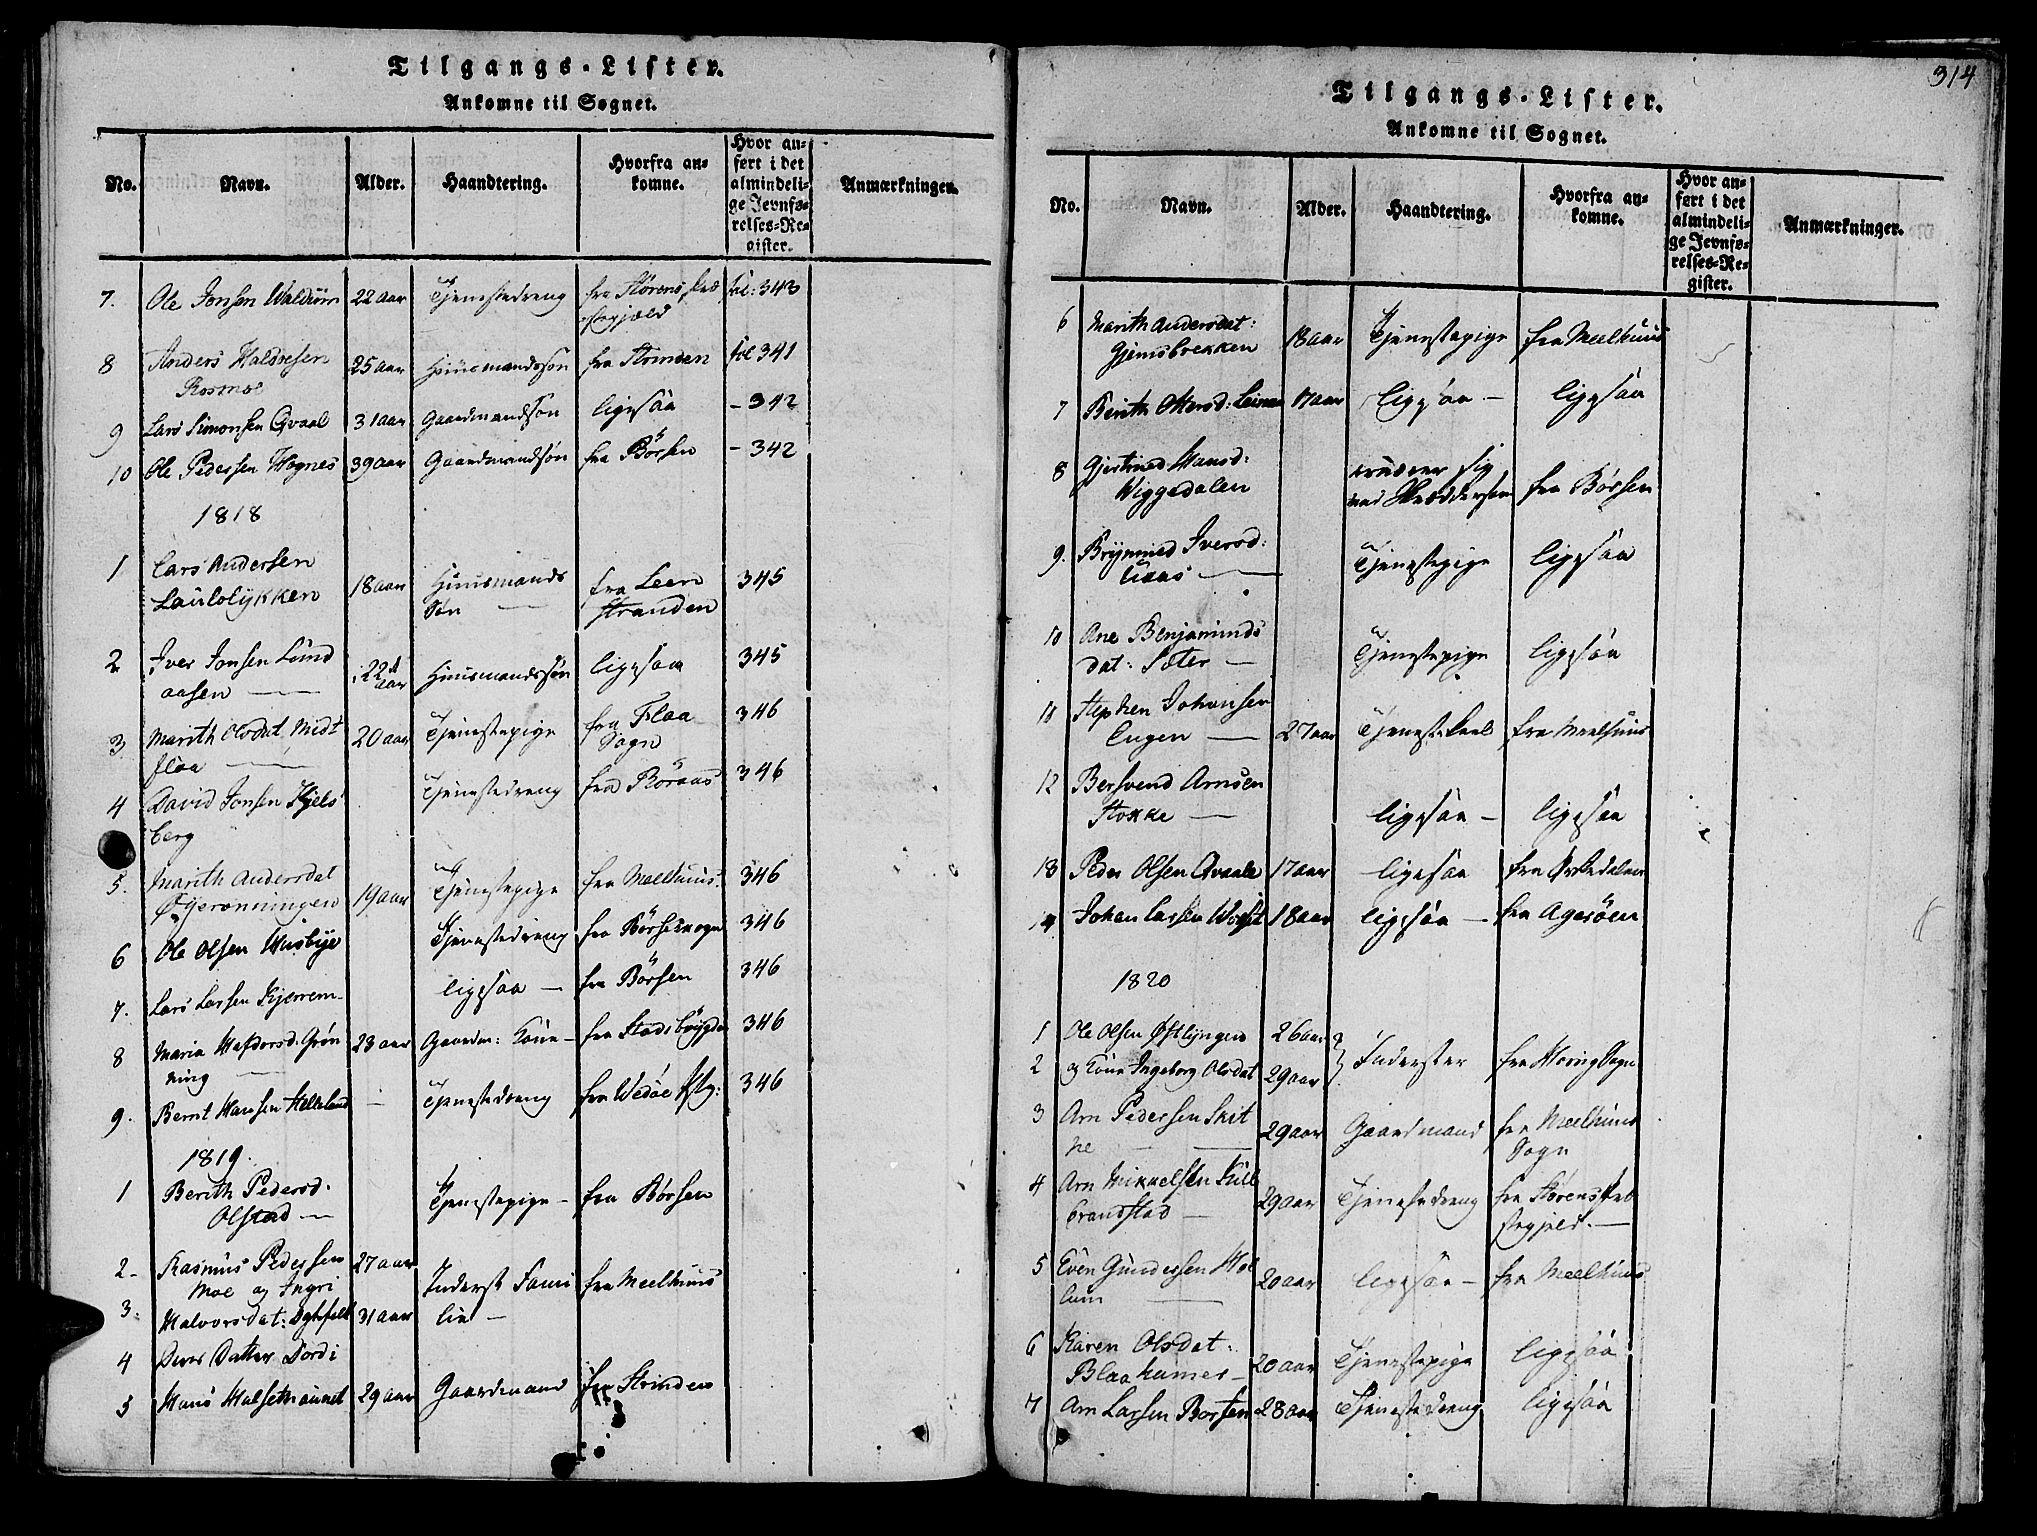 SAT, Ministerialprotokoller, klokkerbøker og fødselsregistre - Sør-Trøndelag, 612/L0372: Ministerialbok nr. 612A06 /1, 1816-1828, s. 314